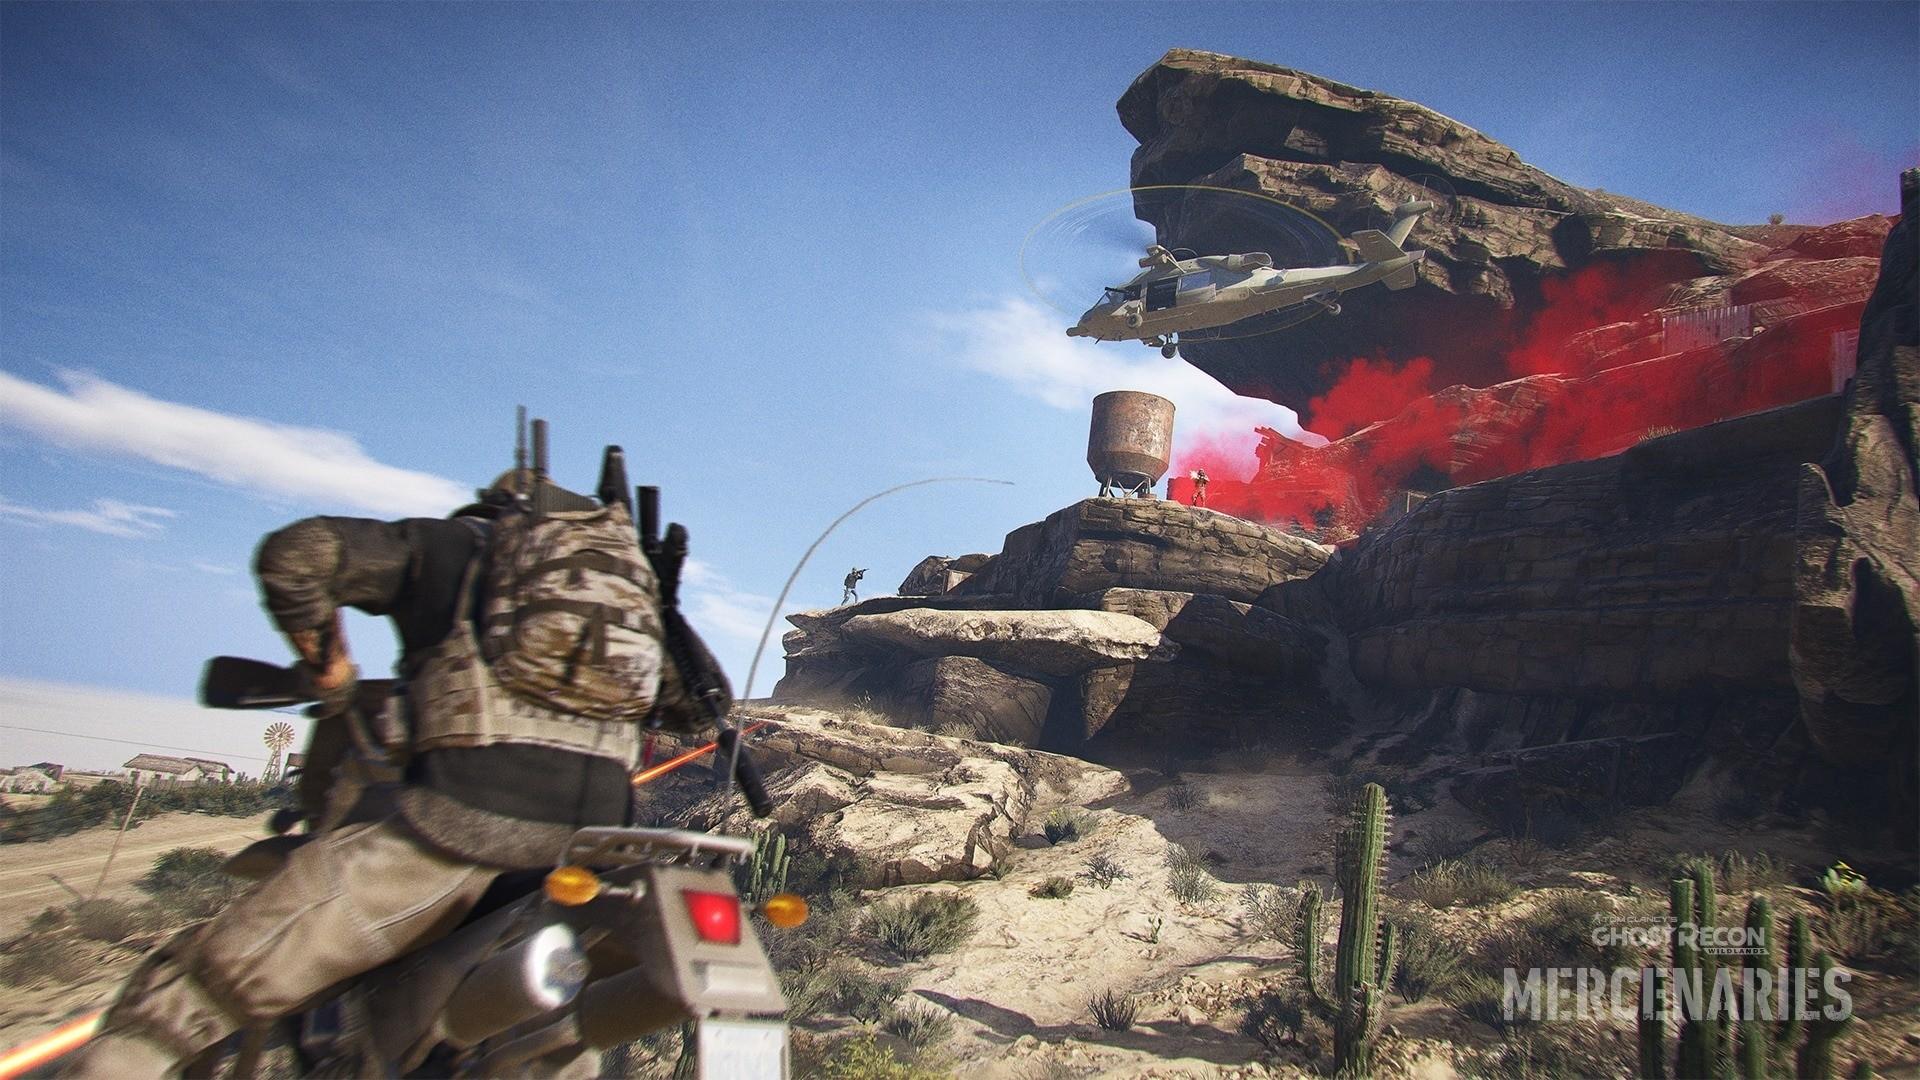 Все подробности обновления Mercenaries для Tom Clancy's Ghost Recon Wildlands